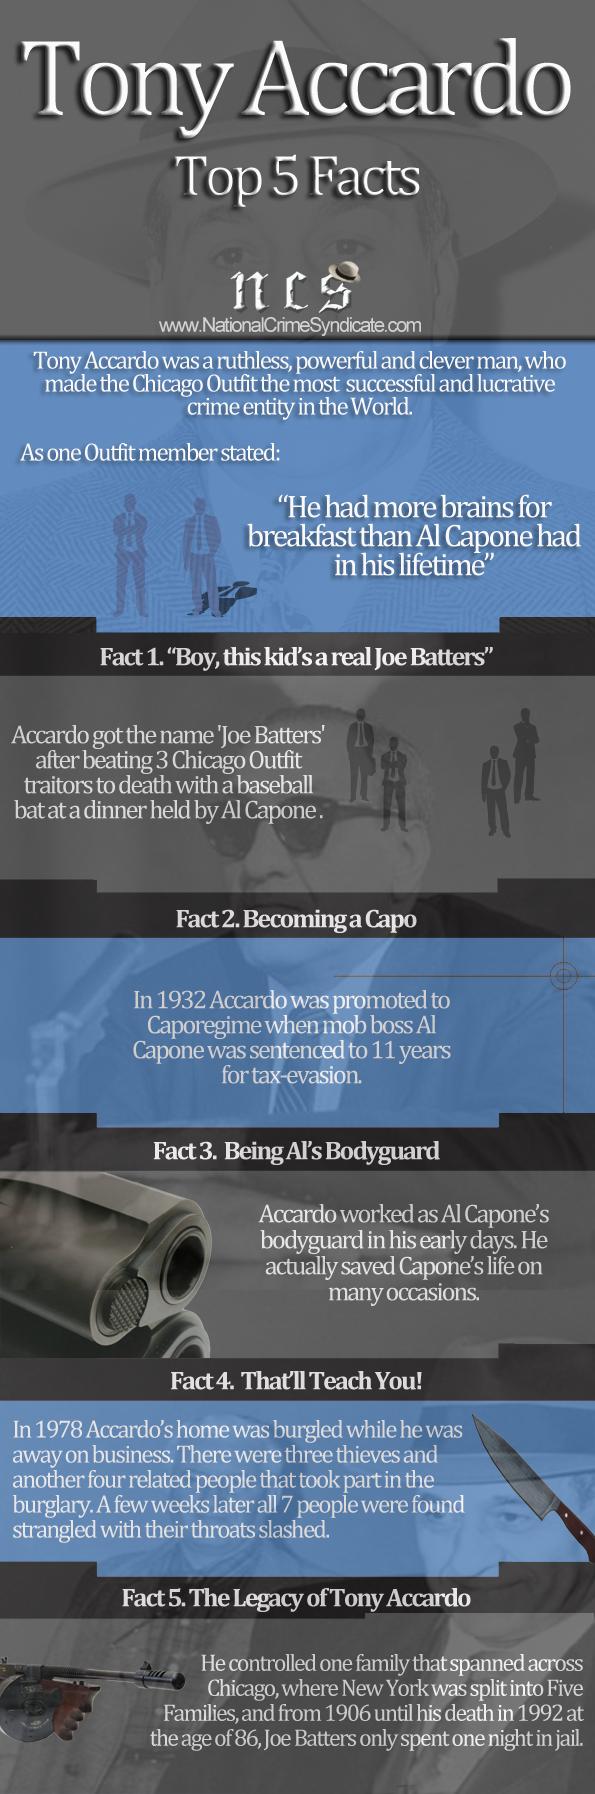 Tony Accardo Infographic